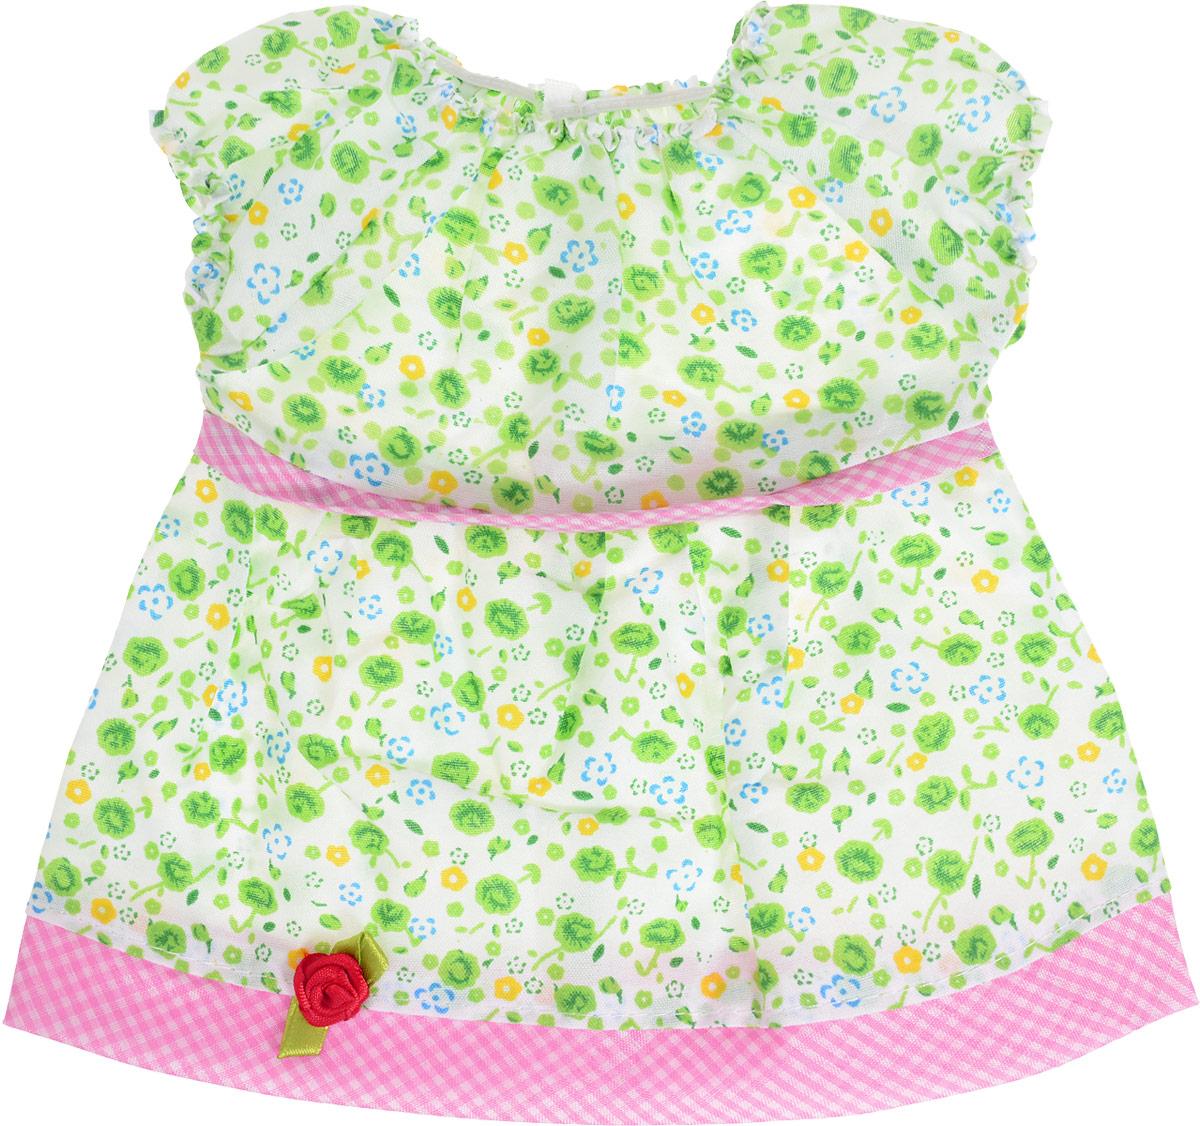 Junfa Toys Одежда для кукол Платье цвет белый салатовый одежда для новорождённых